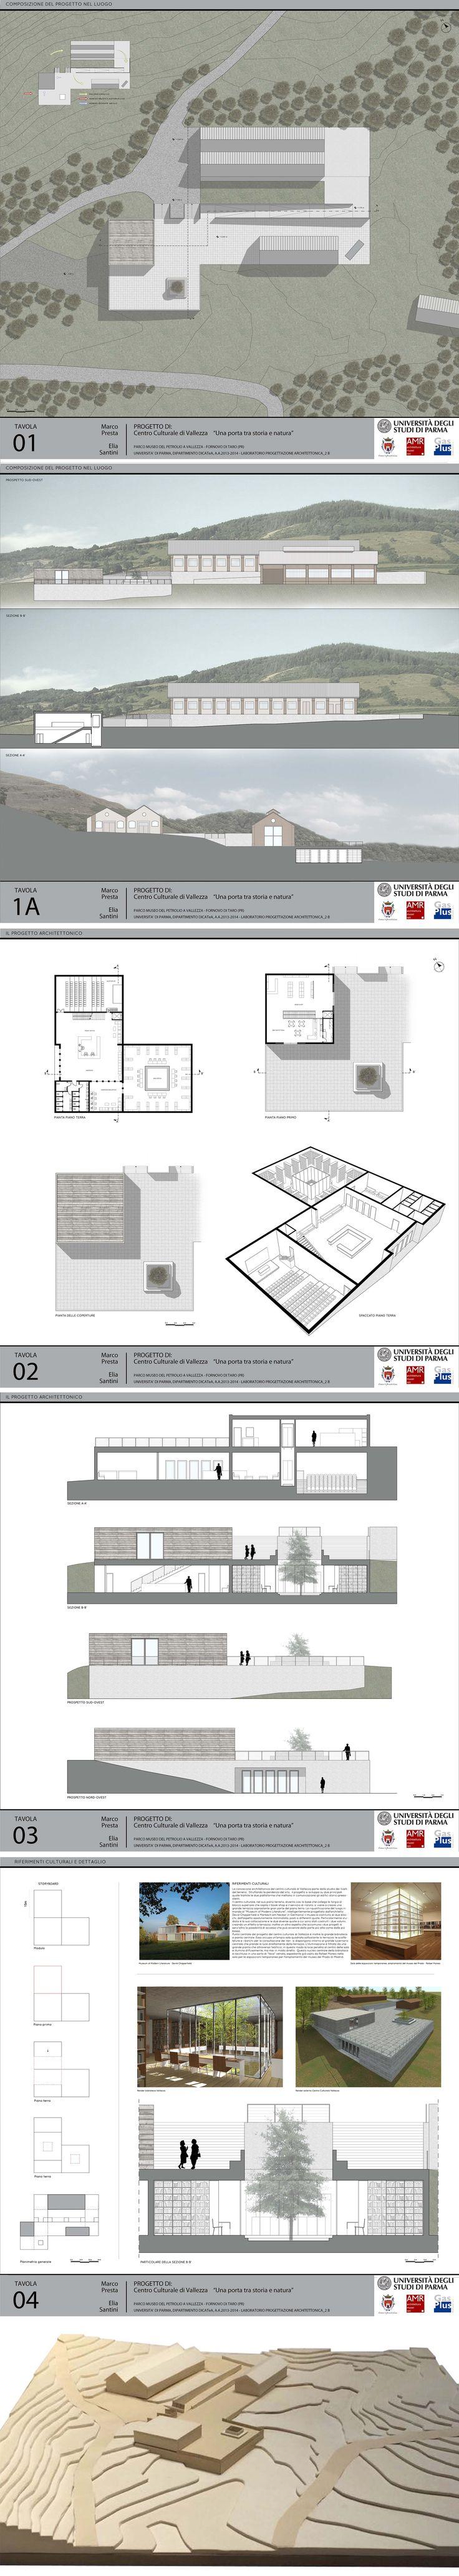 Laboratorio di progettazione II 2014 - Centro culturale di Vallezza, Fornovo (PR)